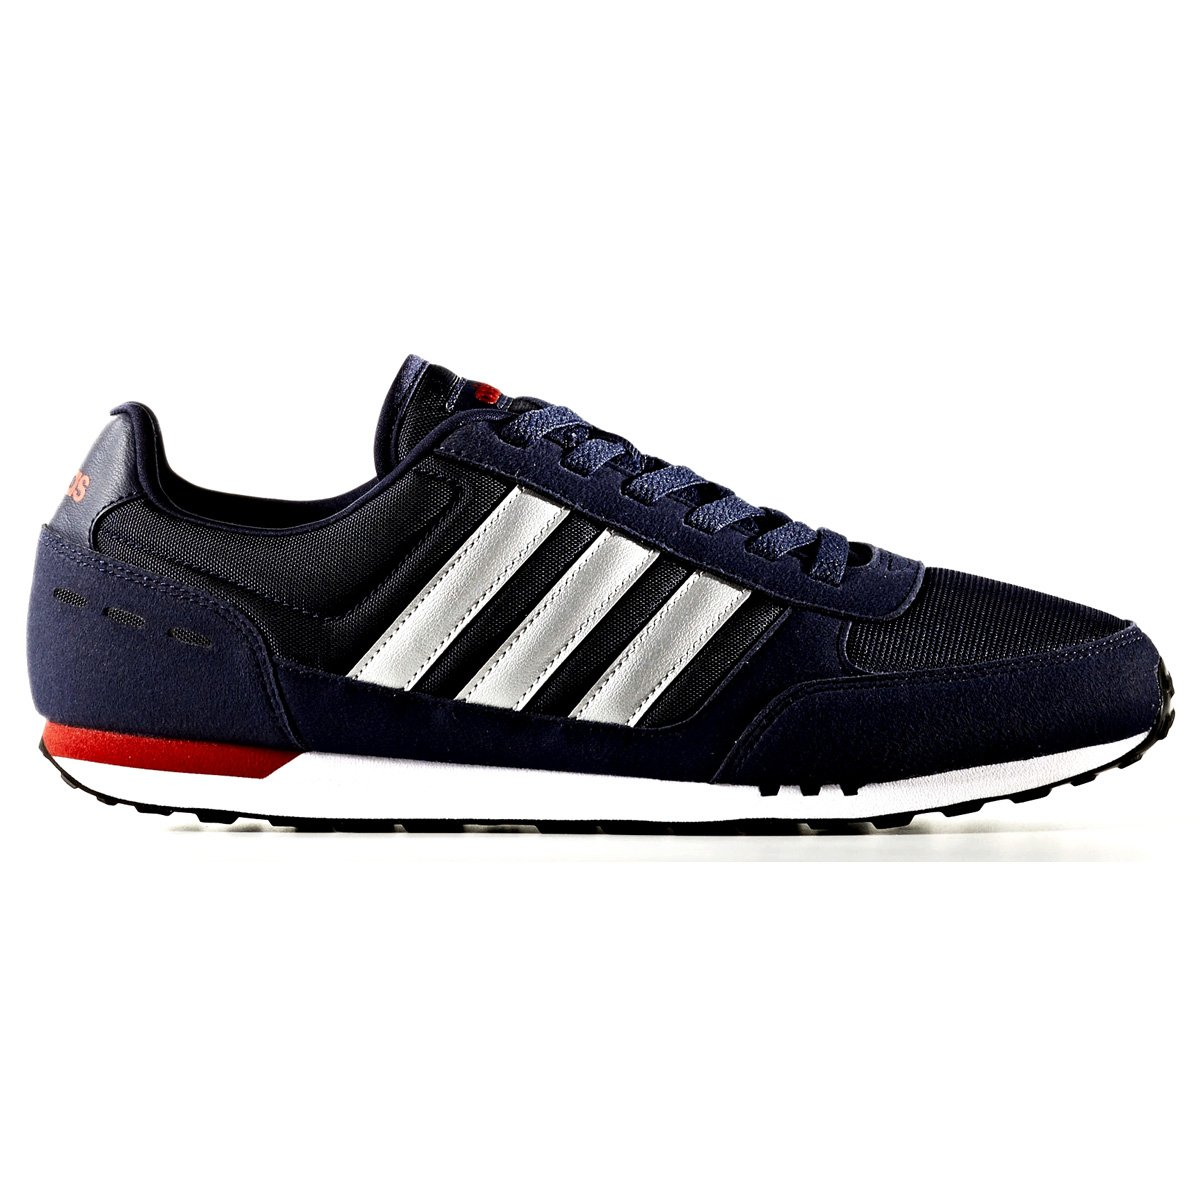 b7845535f1a Tênis Adidas Neo City Racer BB9684 - Marinho Prata - Calçados Online ...